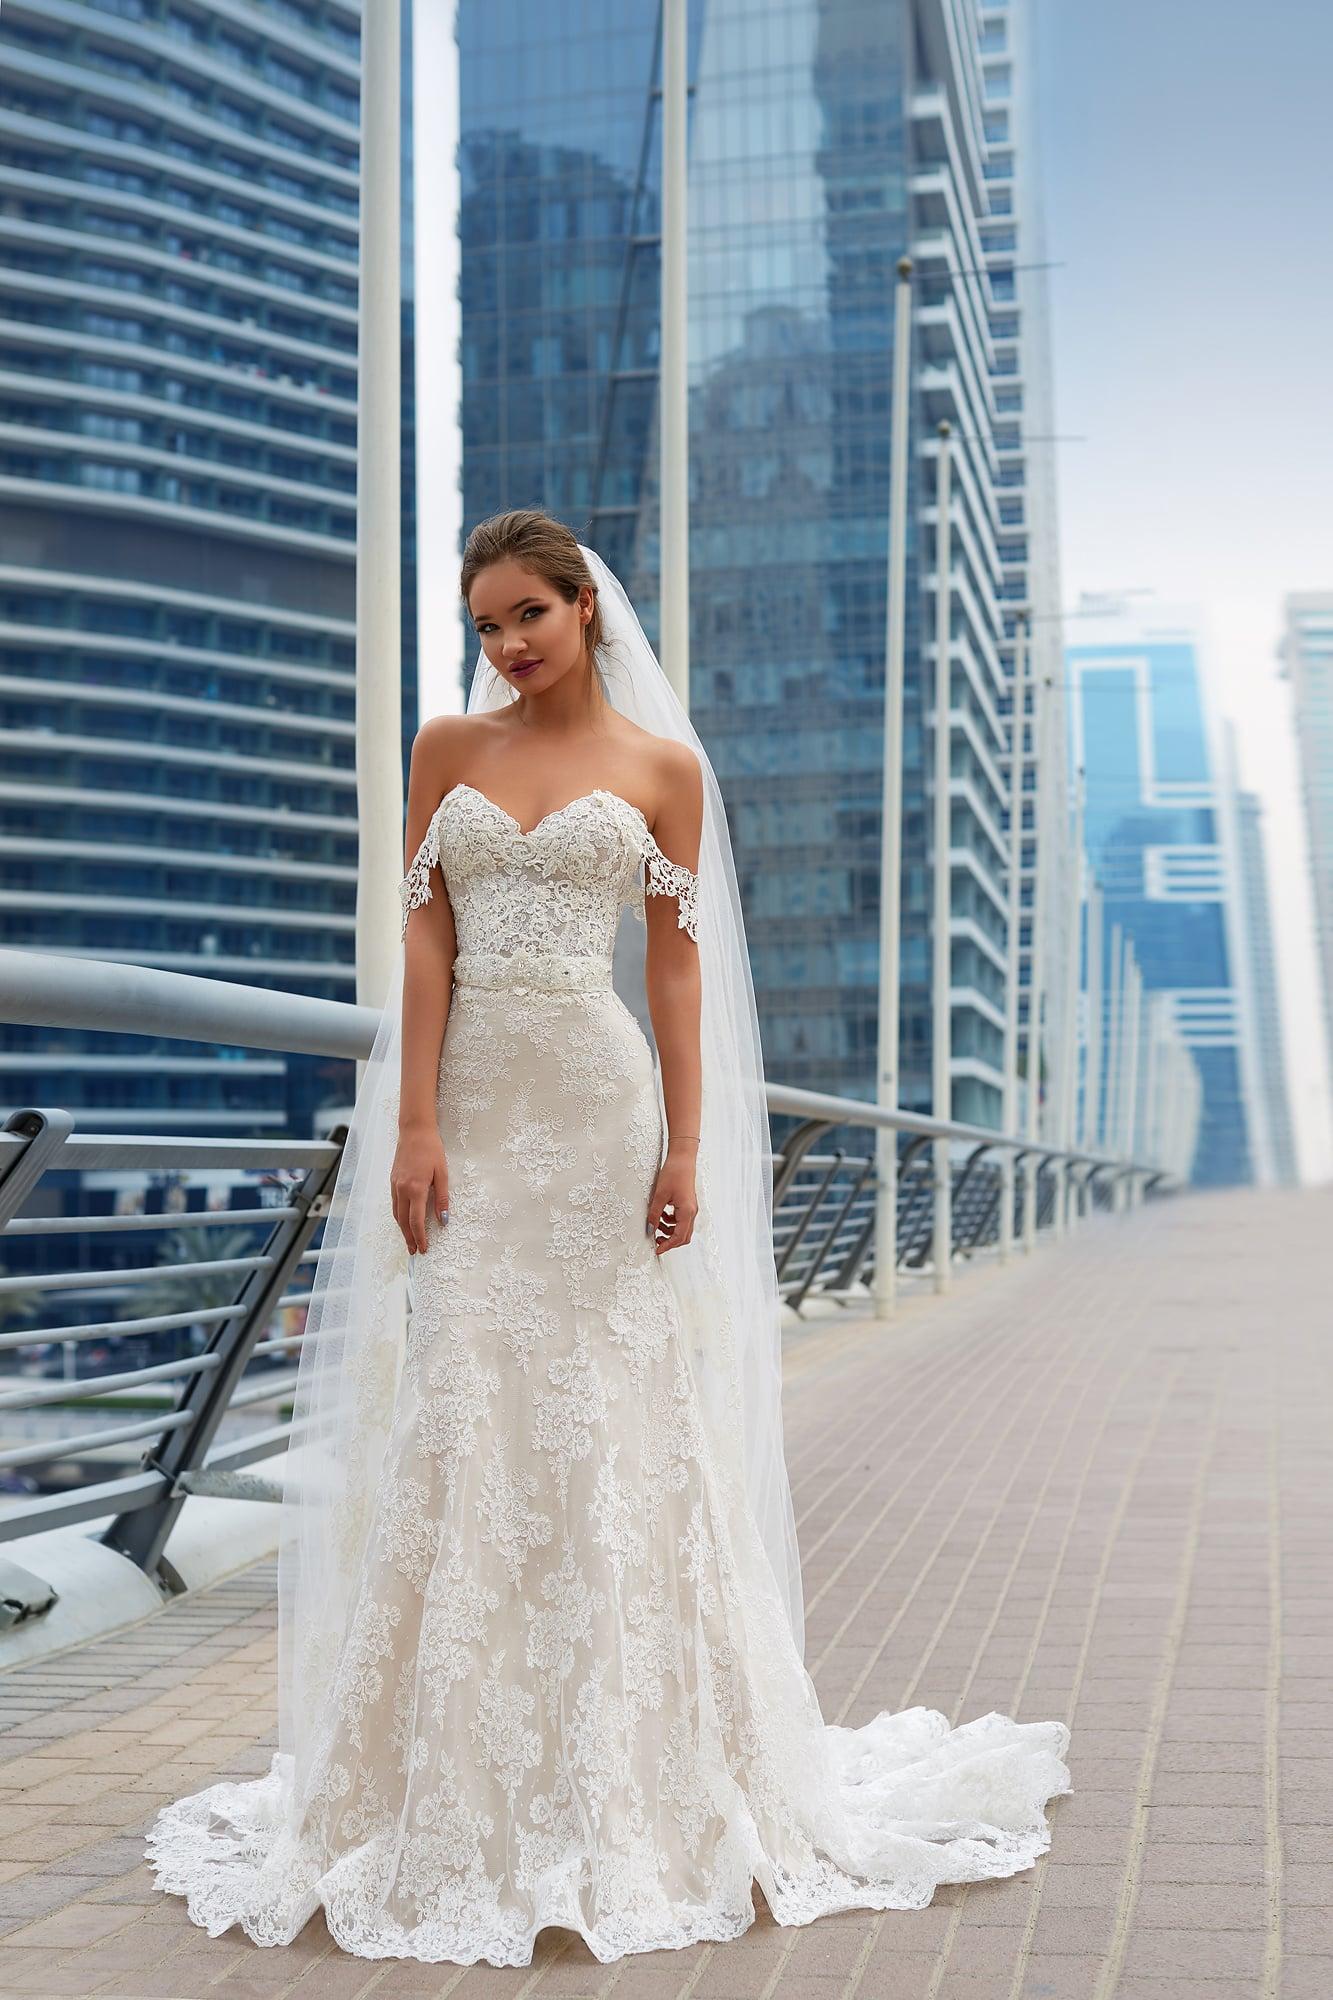 Кружевное свадебное платье с лифом в форме сердца и элегантной юбкой с шлейфом.